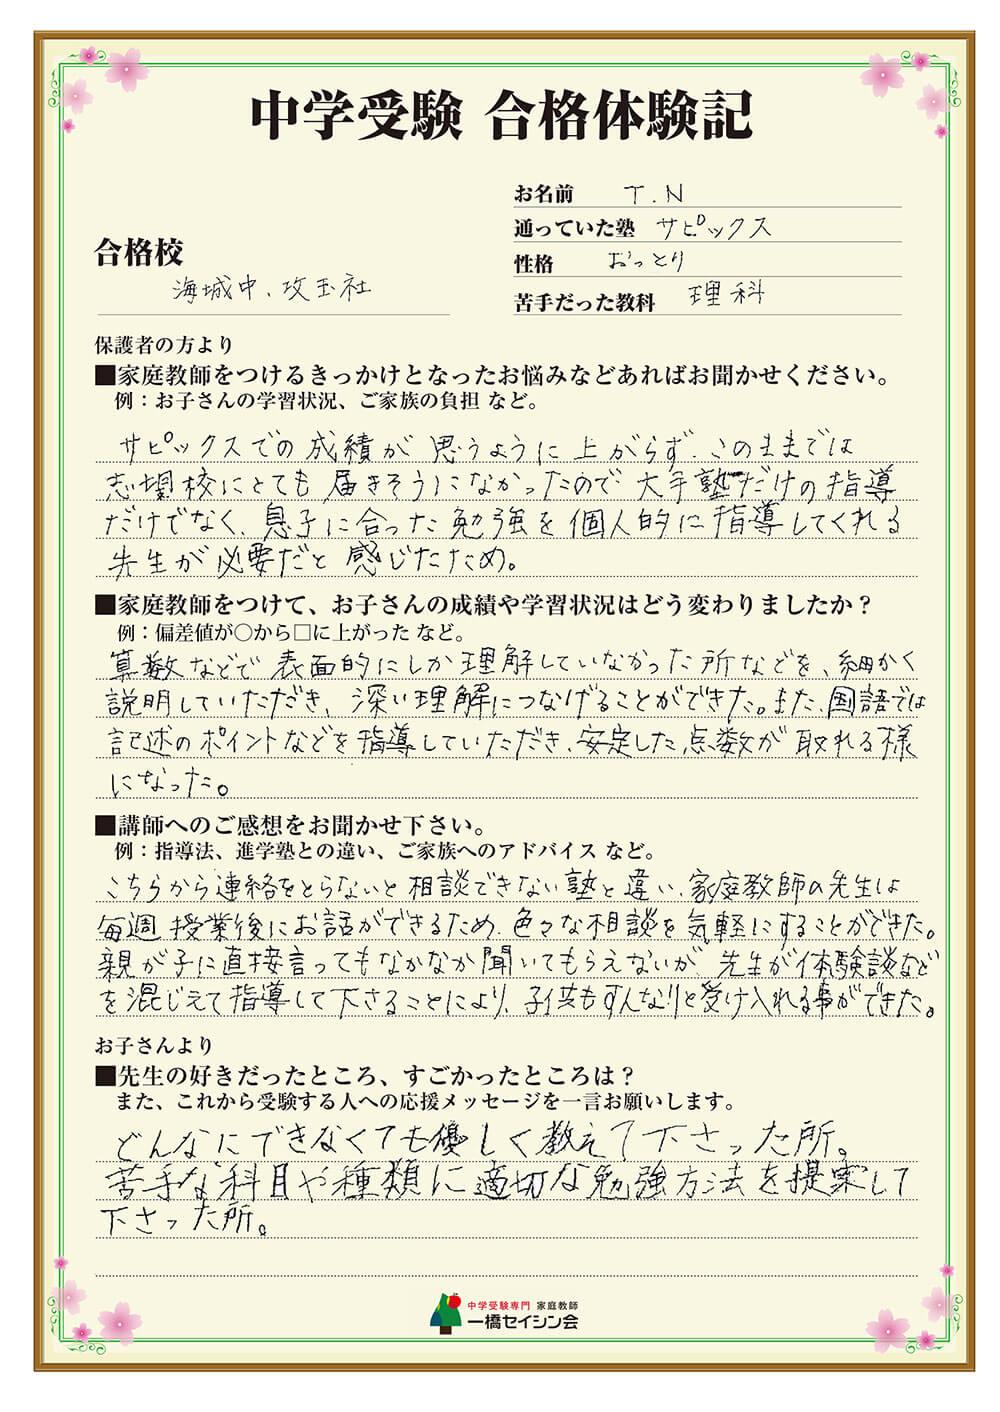 渋 幕 エデュ インター [B!] 「ママ塾」出身⇒渋幕卒の東大生!